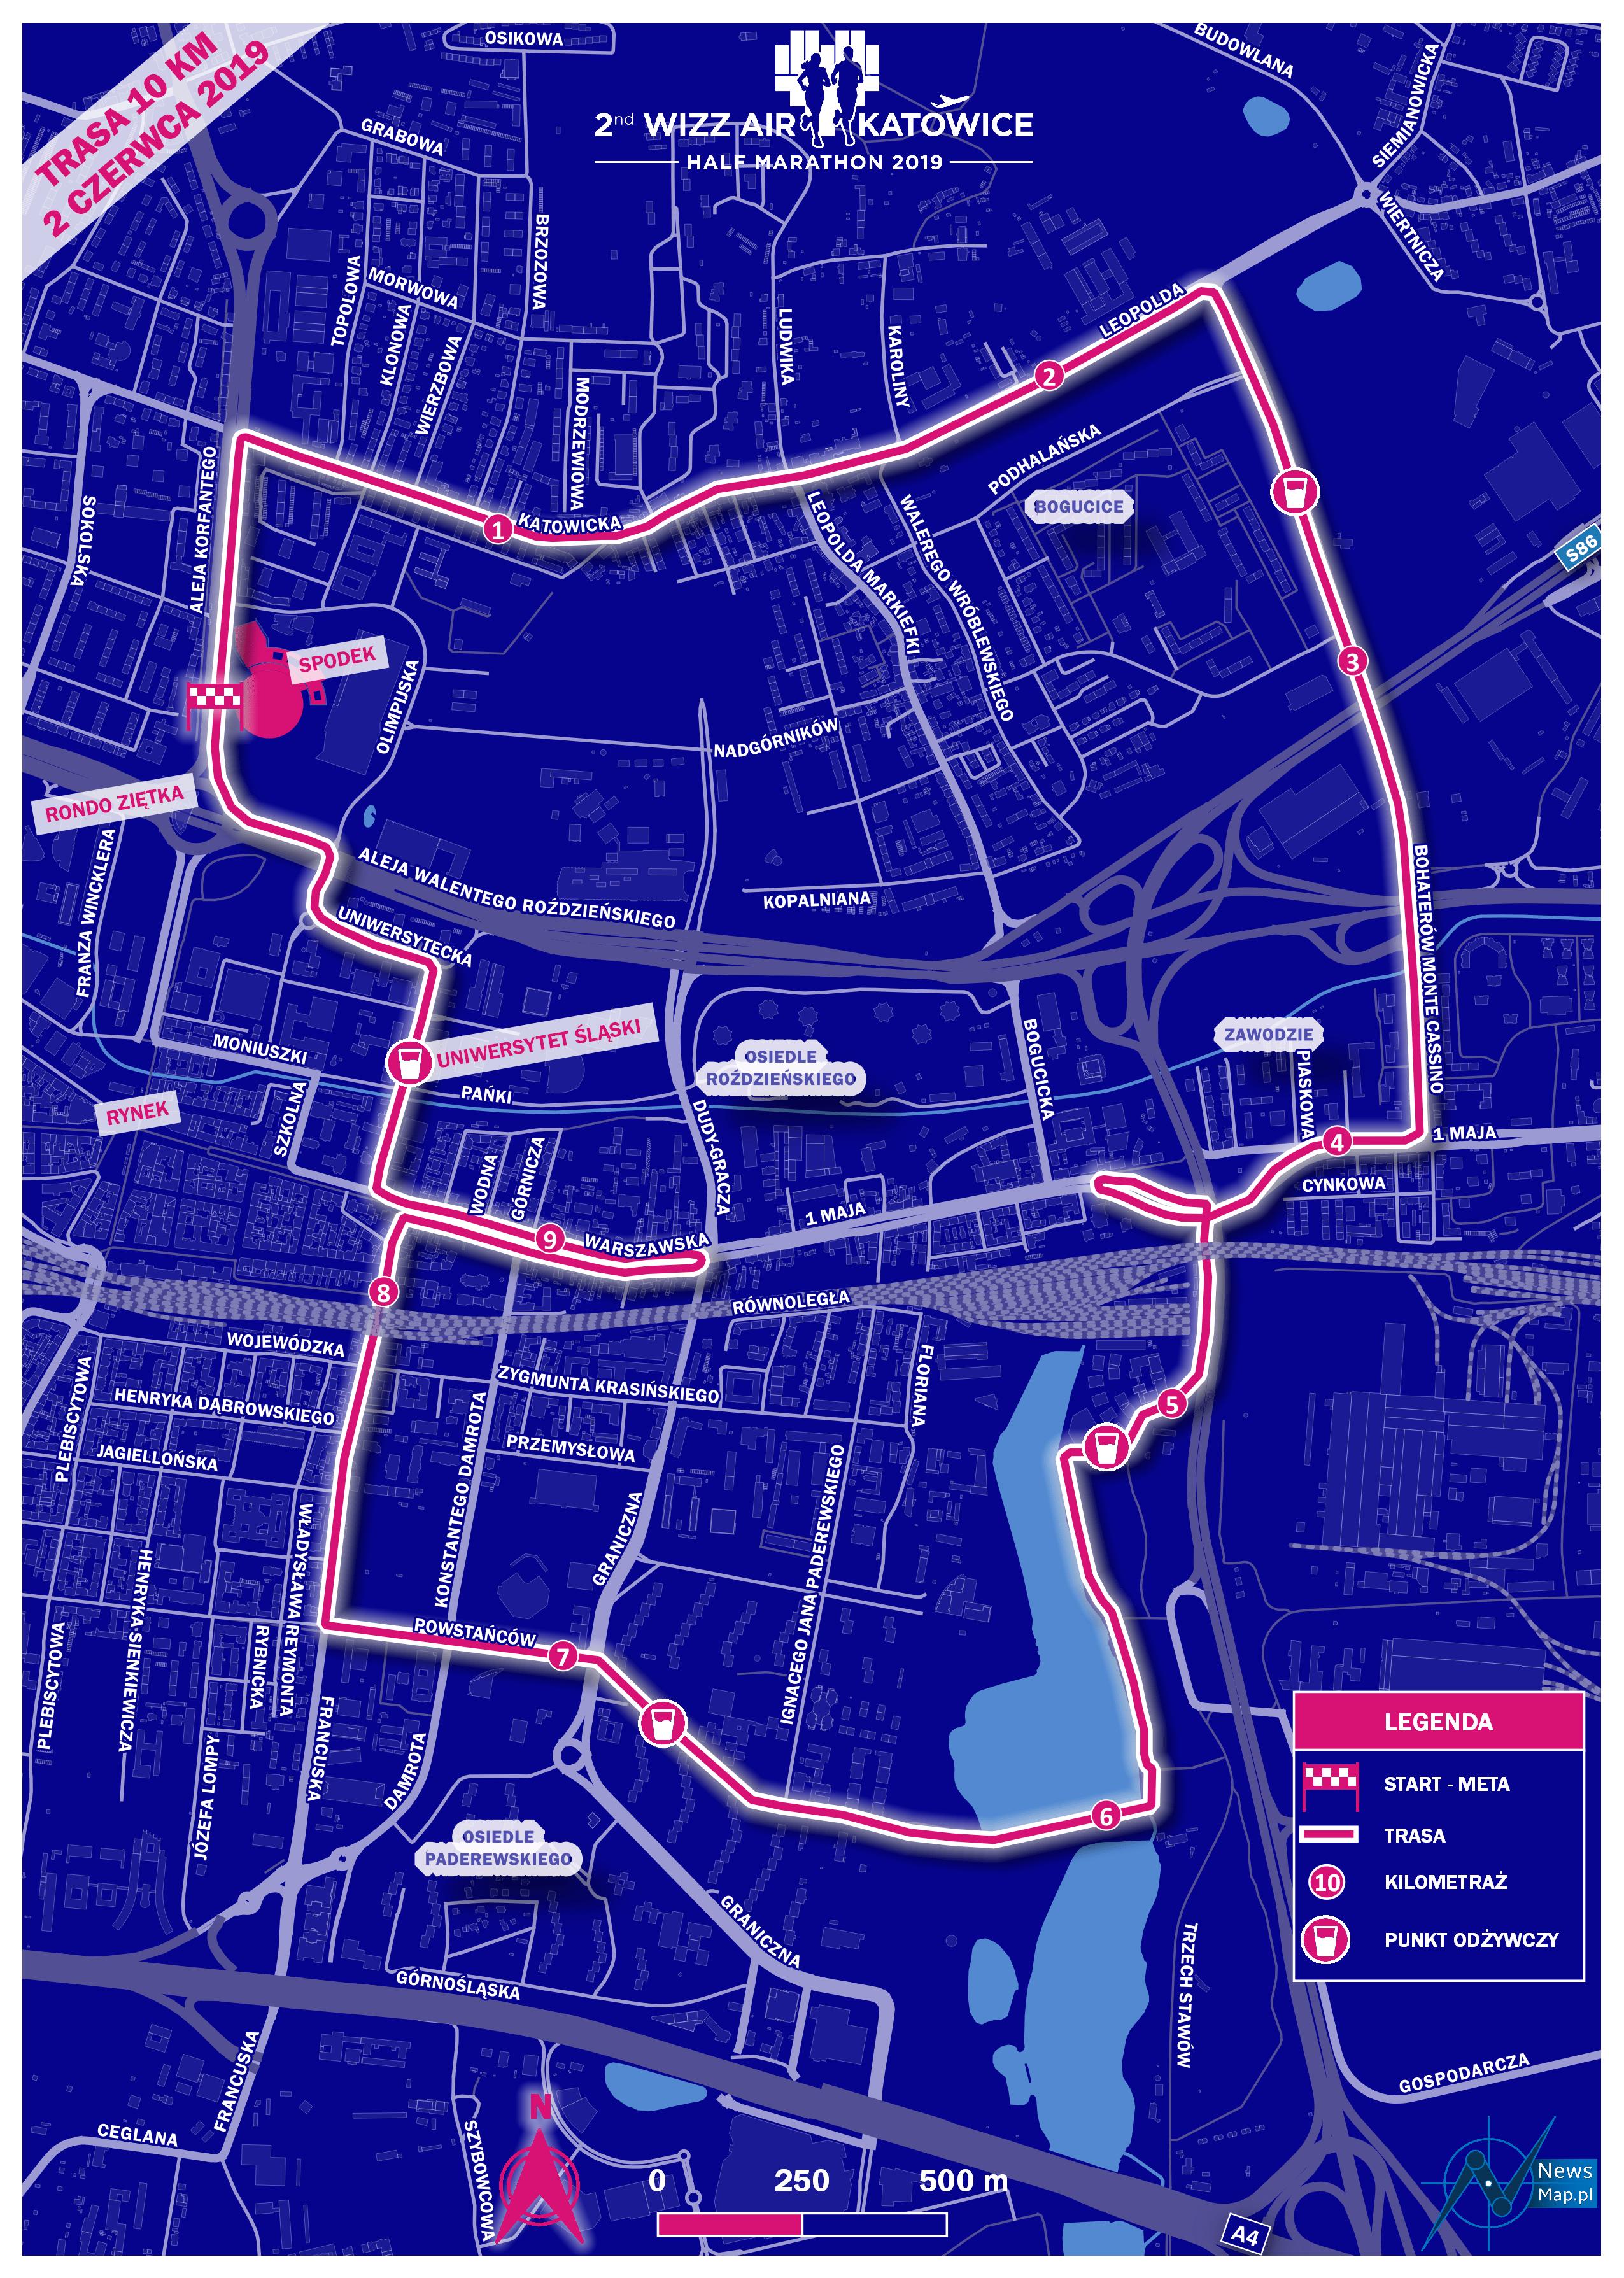 Mapa statyczna WizzAir 10 km 2019 (on-line)